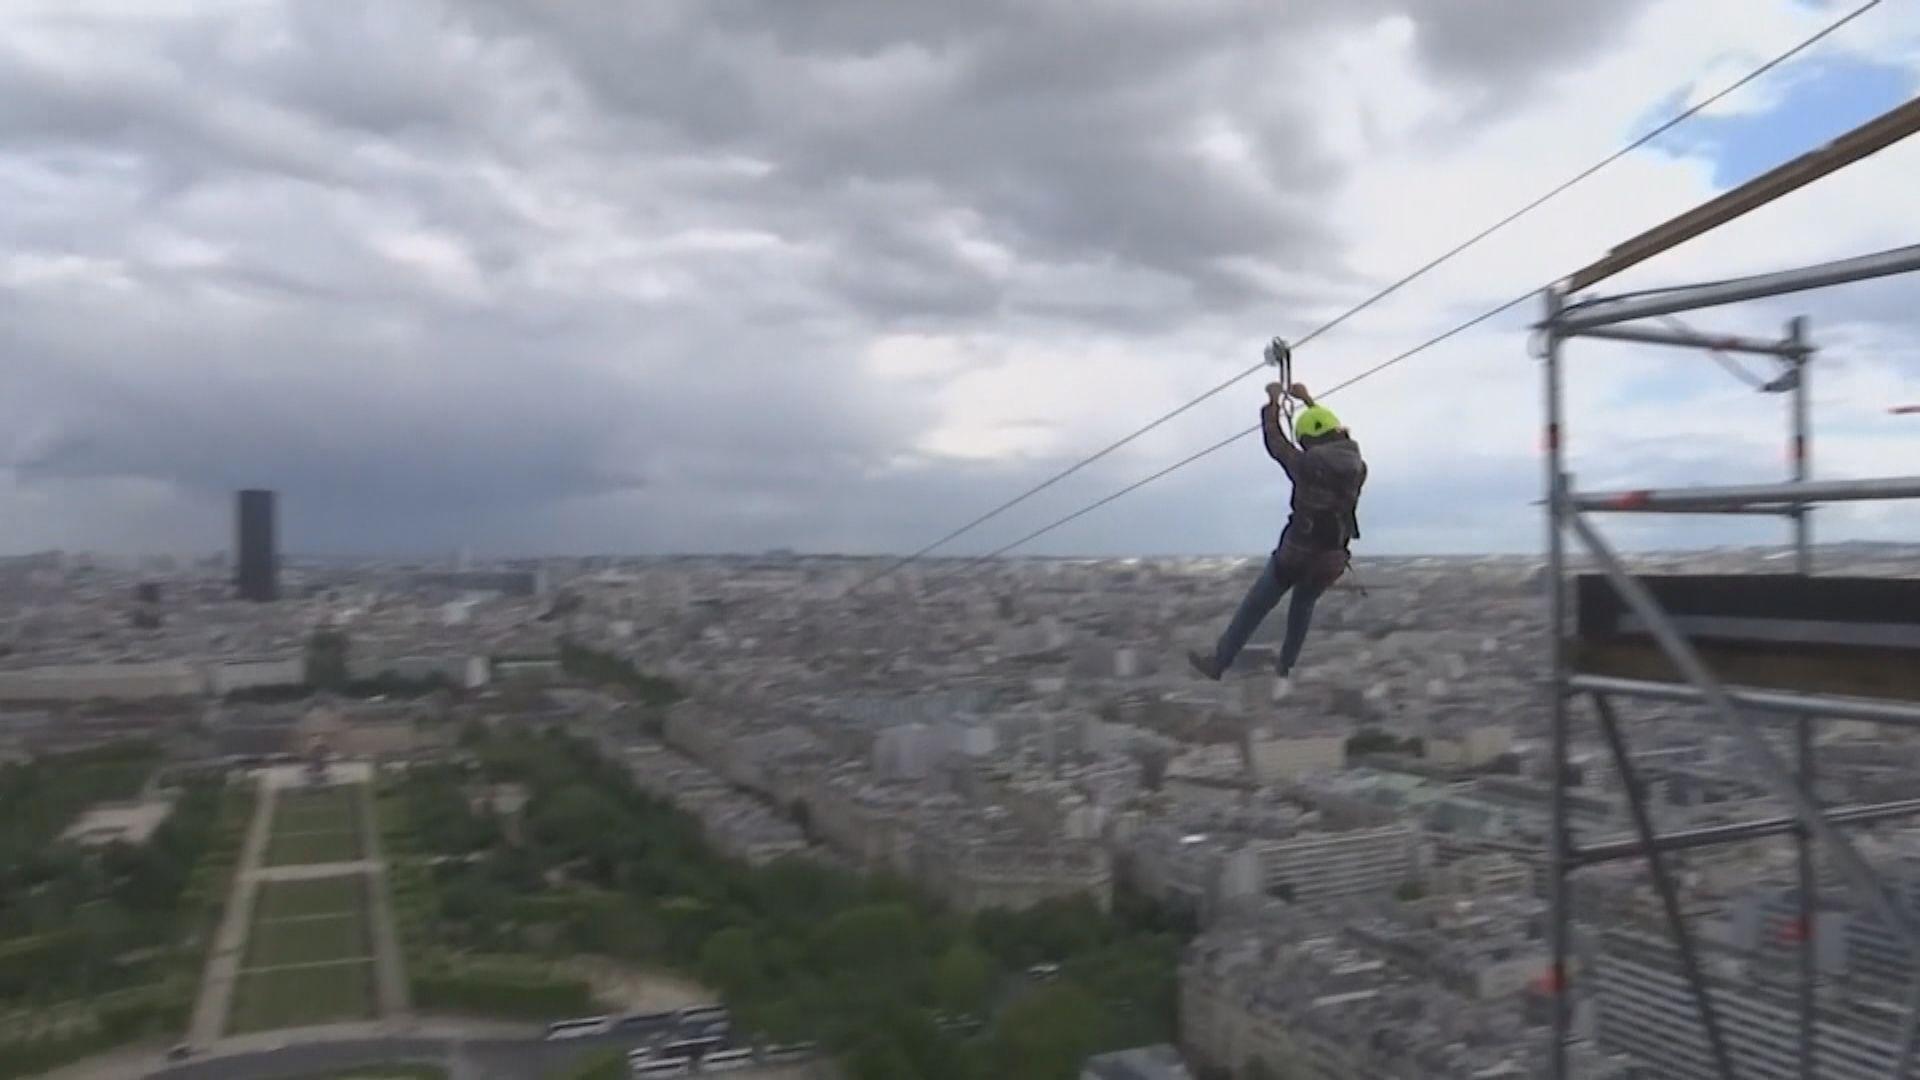 【環球薈報】巴黎鐵塔飛索體驗高空高速滑翔